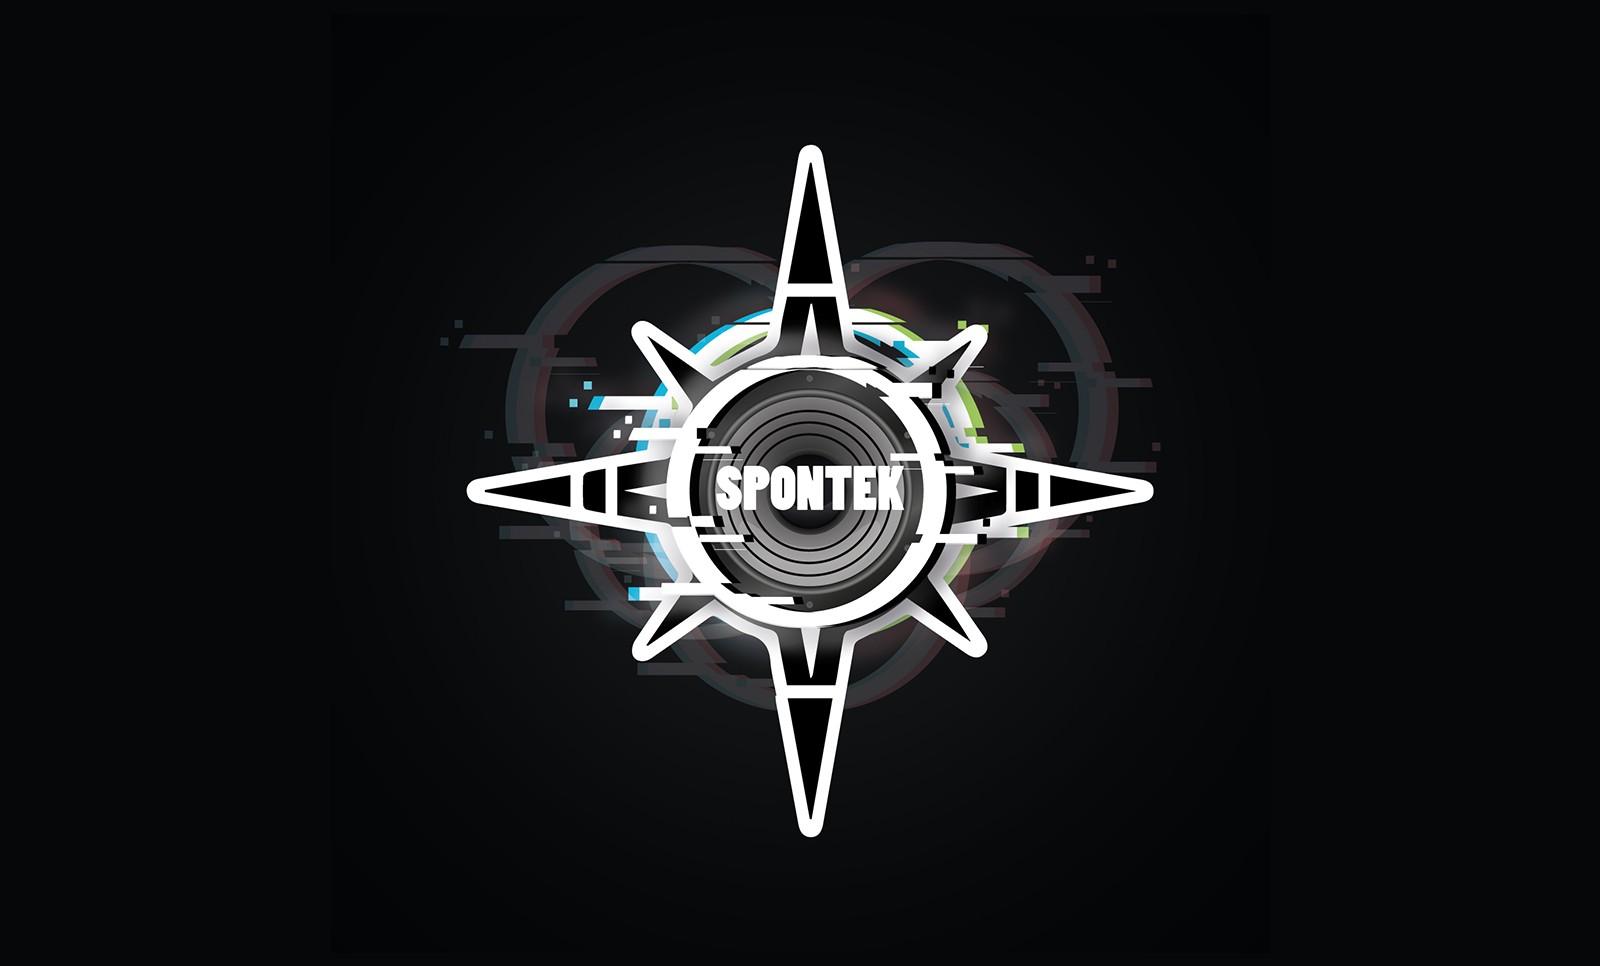 logo-spontek